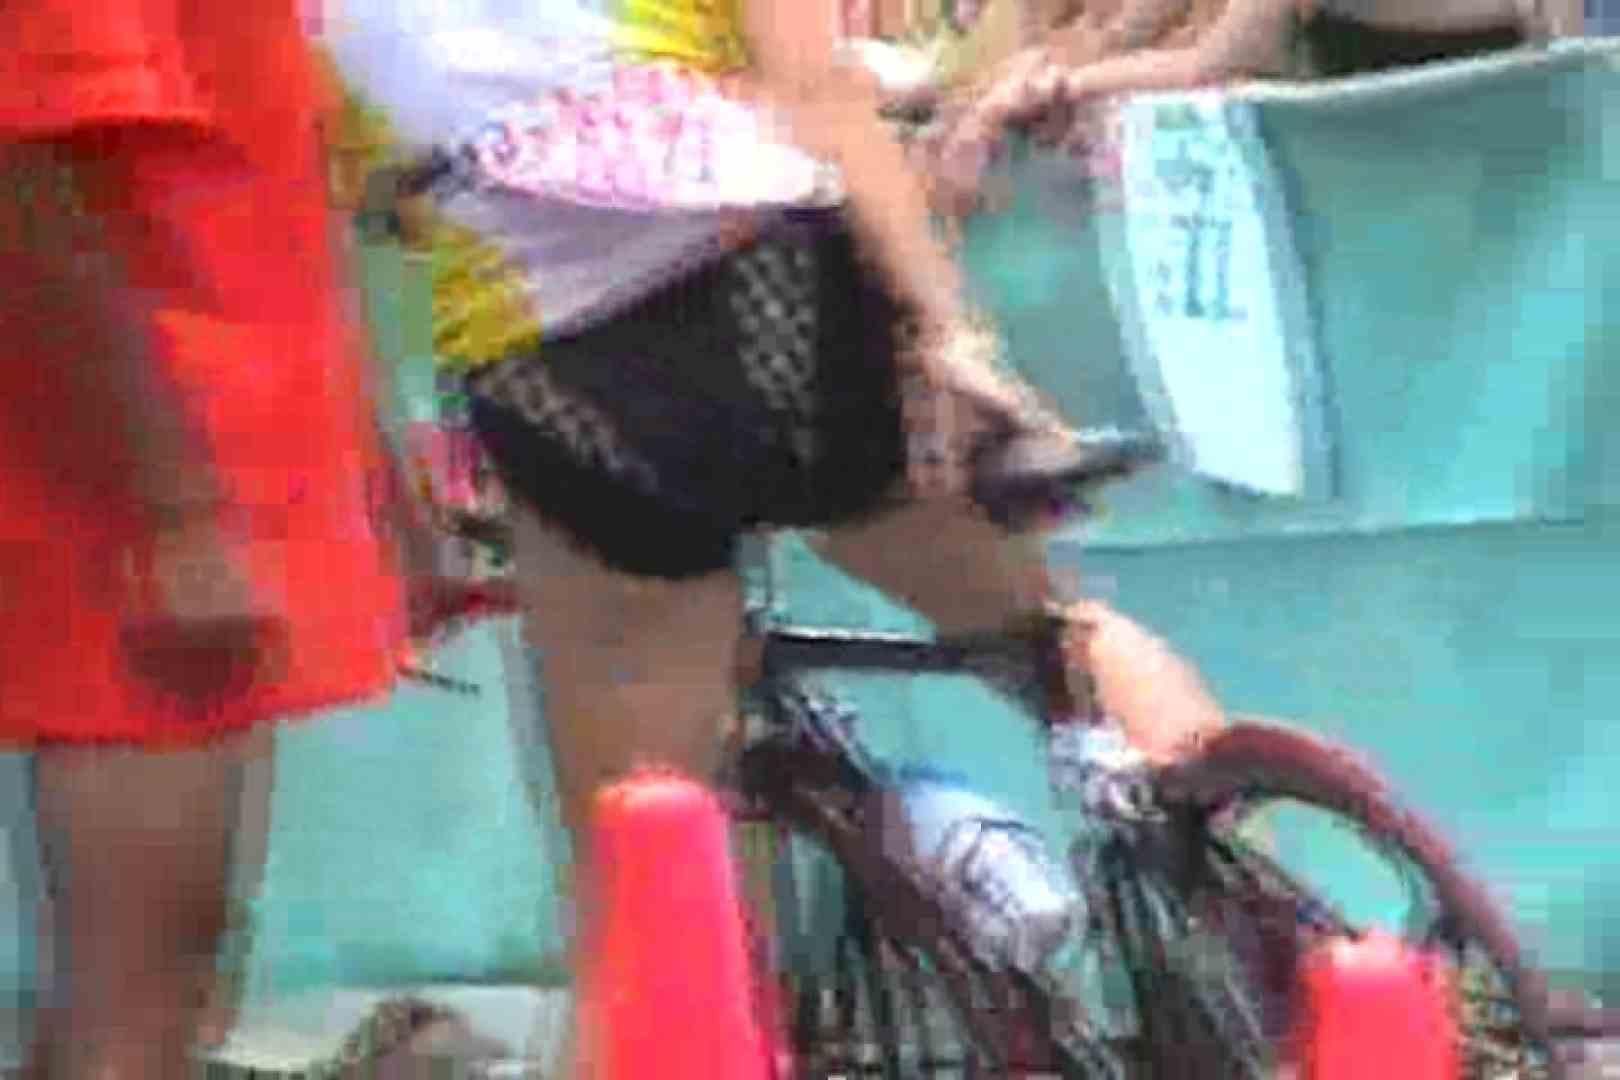 鉄人レース!!トライアスロンに挑む女性達!!Vol.4 乳首 隠し撮りすけべAV動画紹介 47連発 23